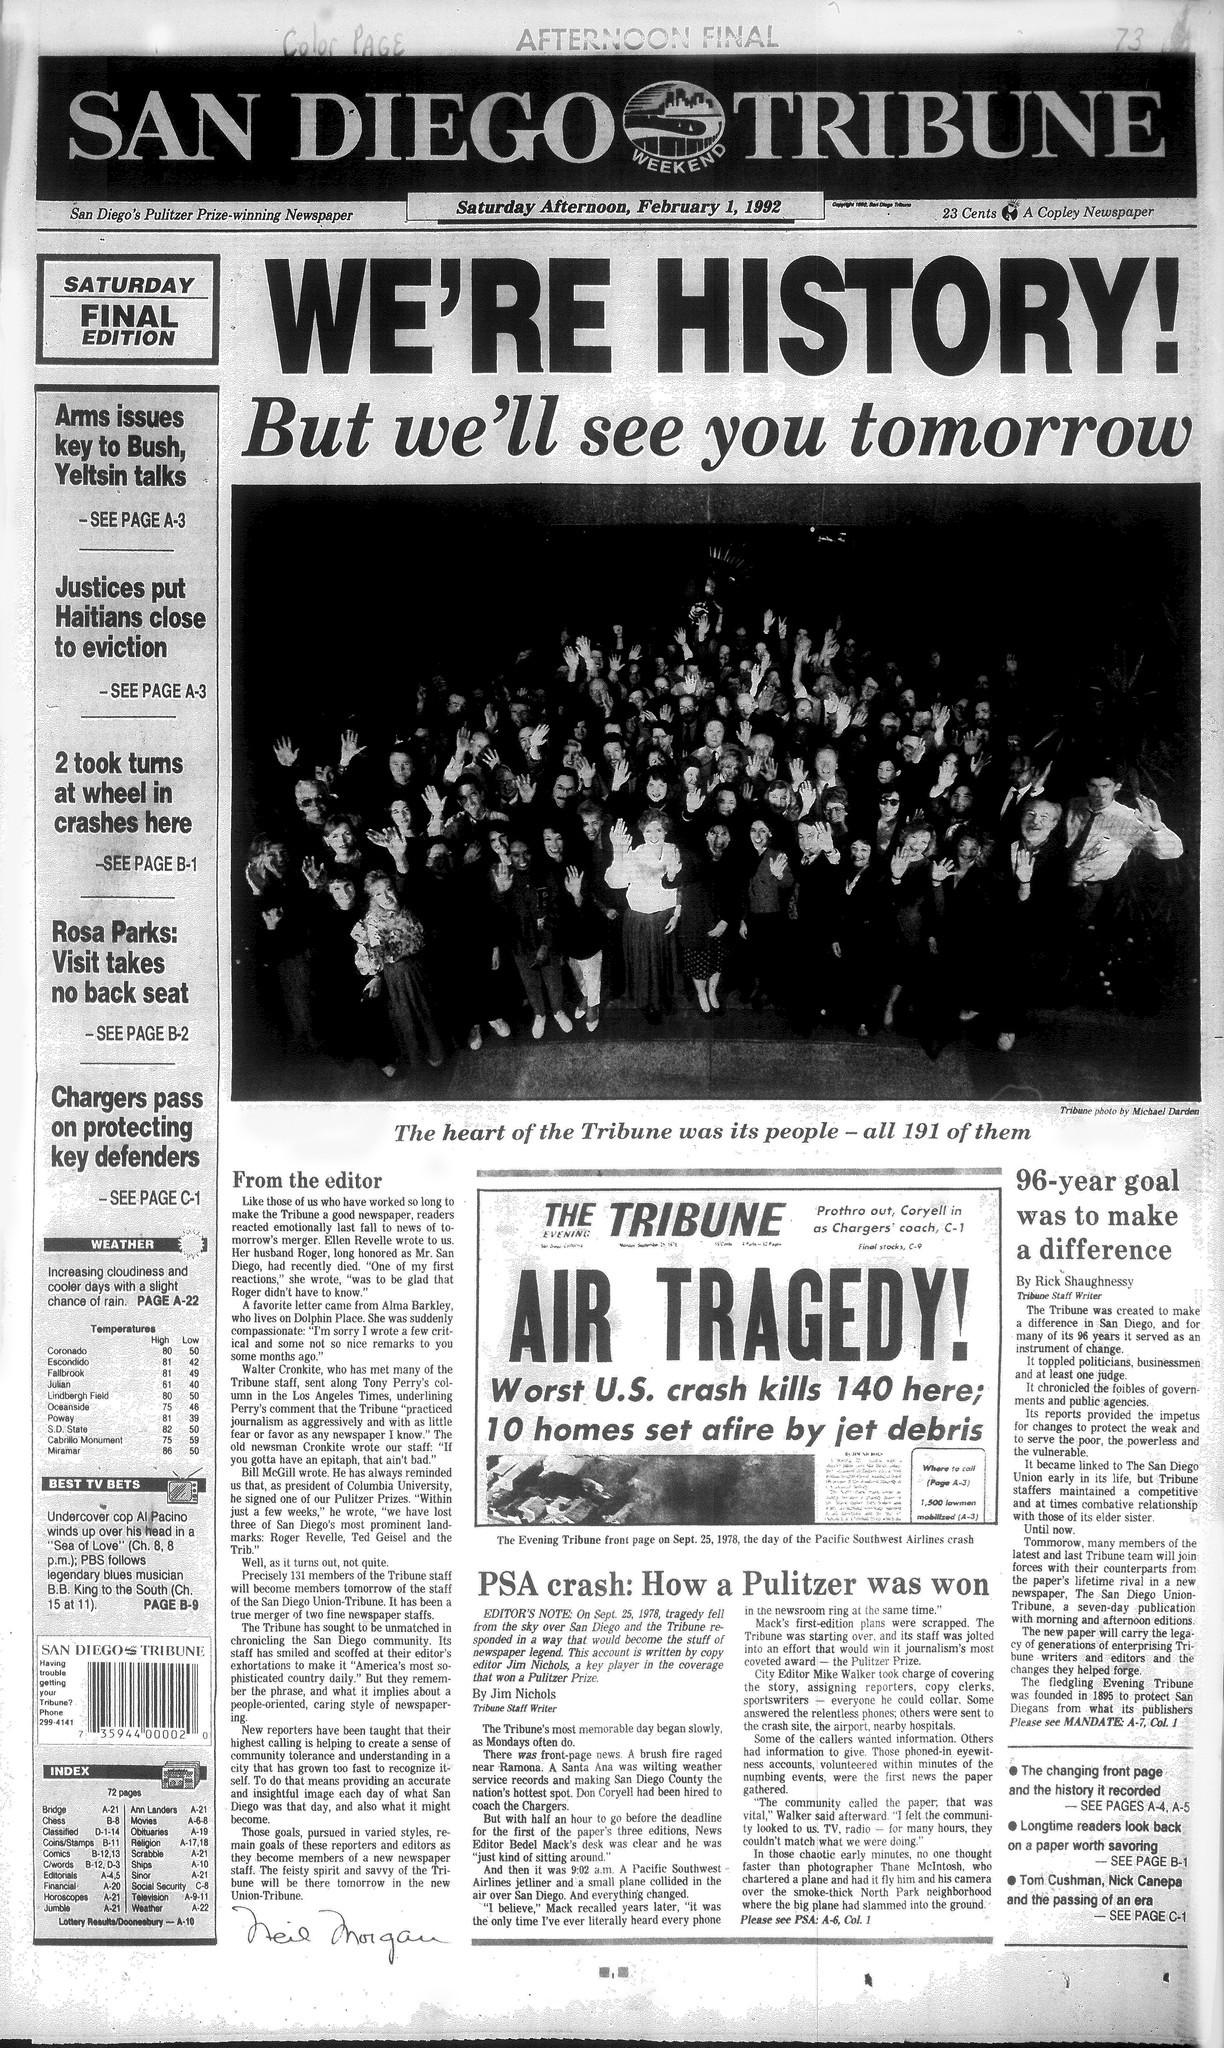 February 1, 1992